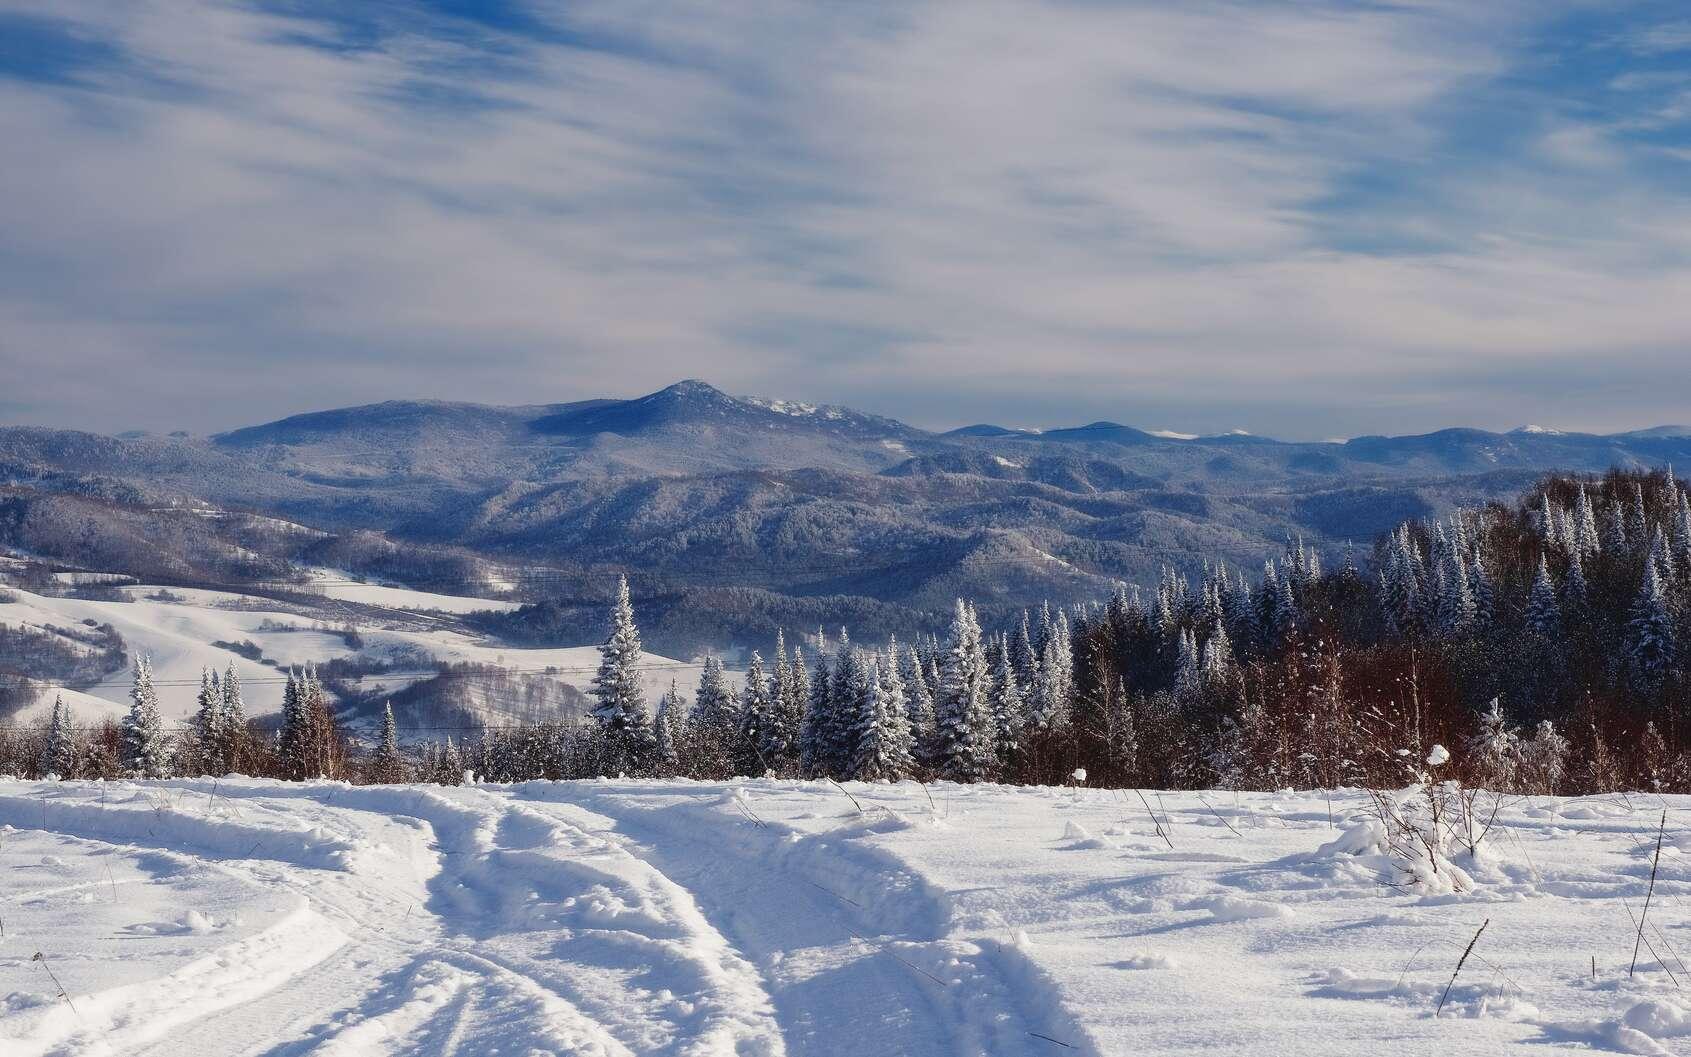 Les hivers peuvent très froids dans les régions où règne un climat continental. © nighttman, fotolia